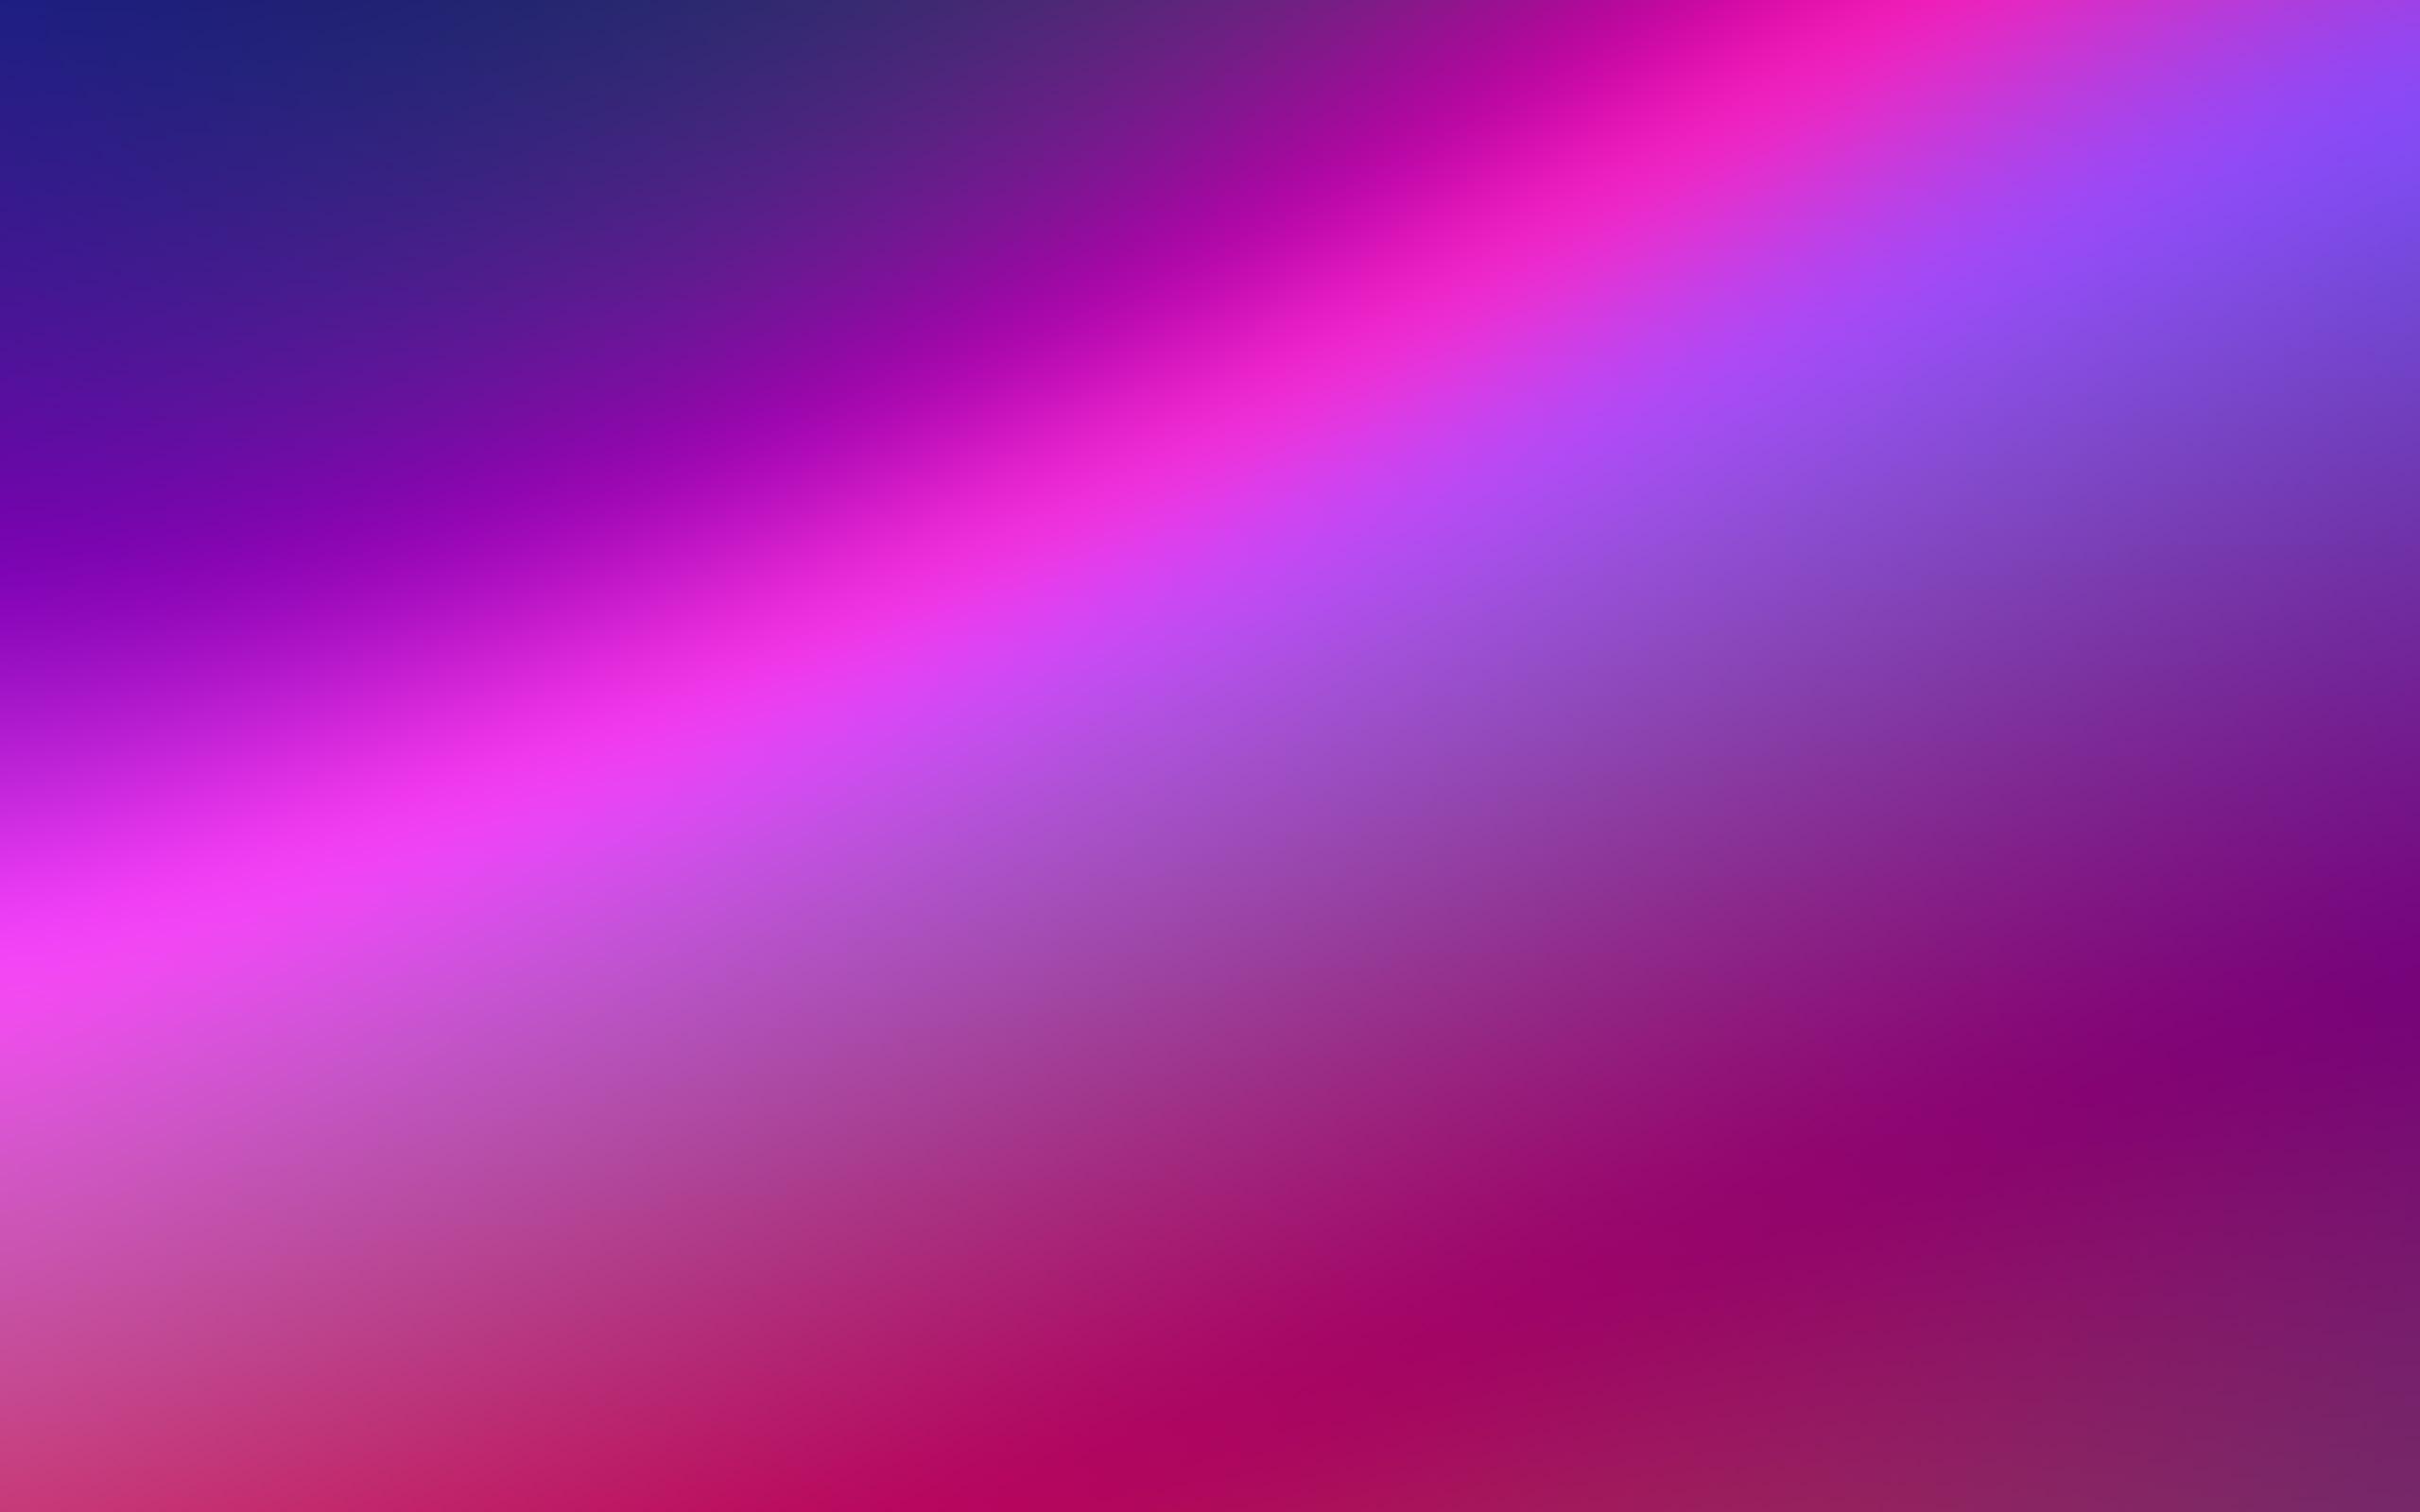 Cute Pattern Iphone 5 Wallpaper Sl99 Red Hot Pink Blur Gradation Wallpaper